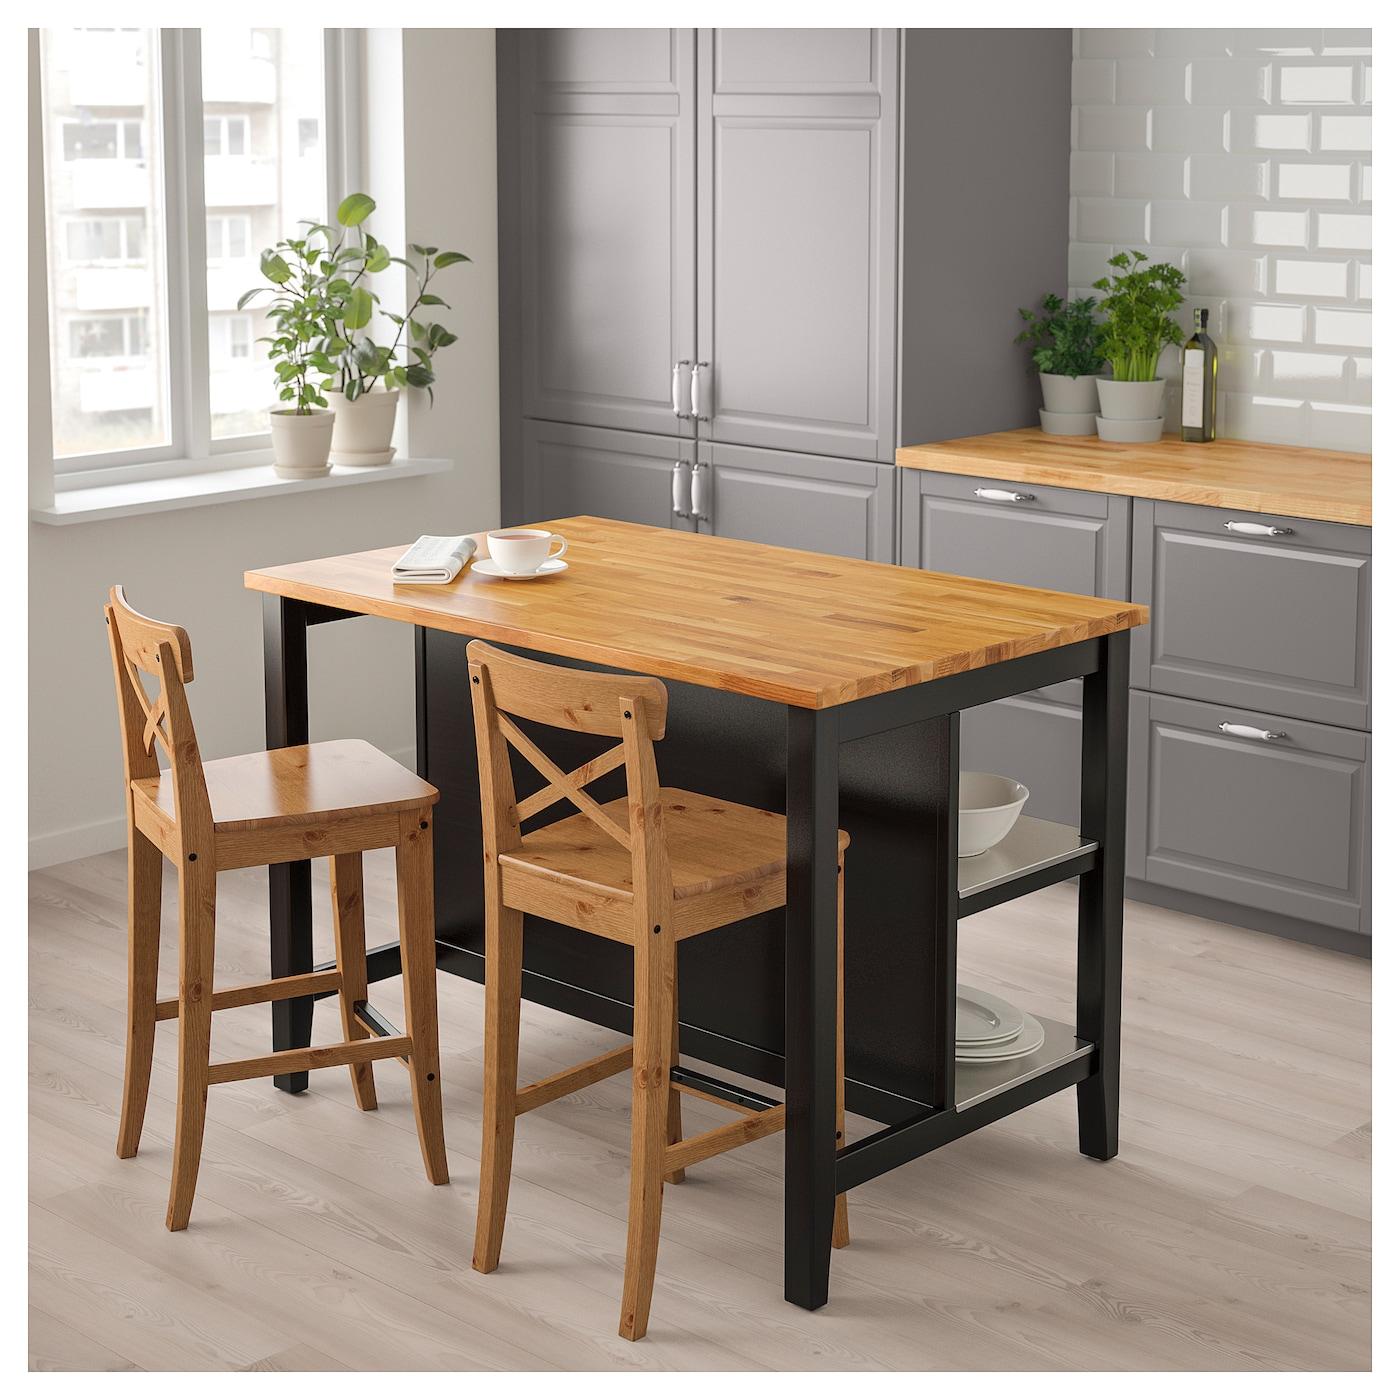 Stenstorp lot pour cuisine brun noir ch ne 126x79 cm ikea for Cuisine brun noir